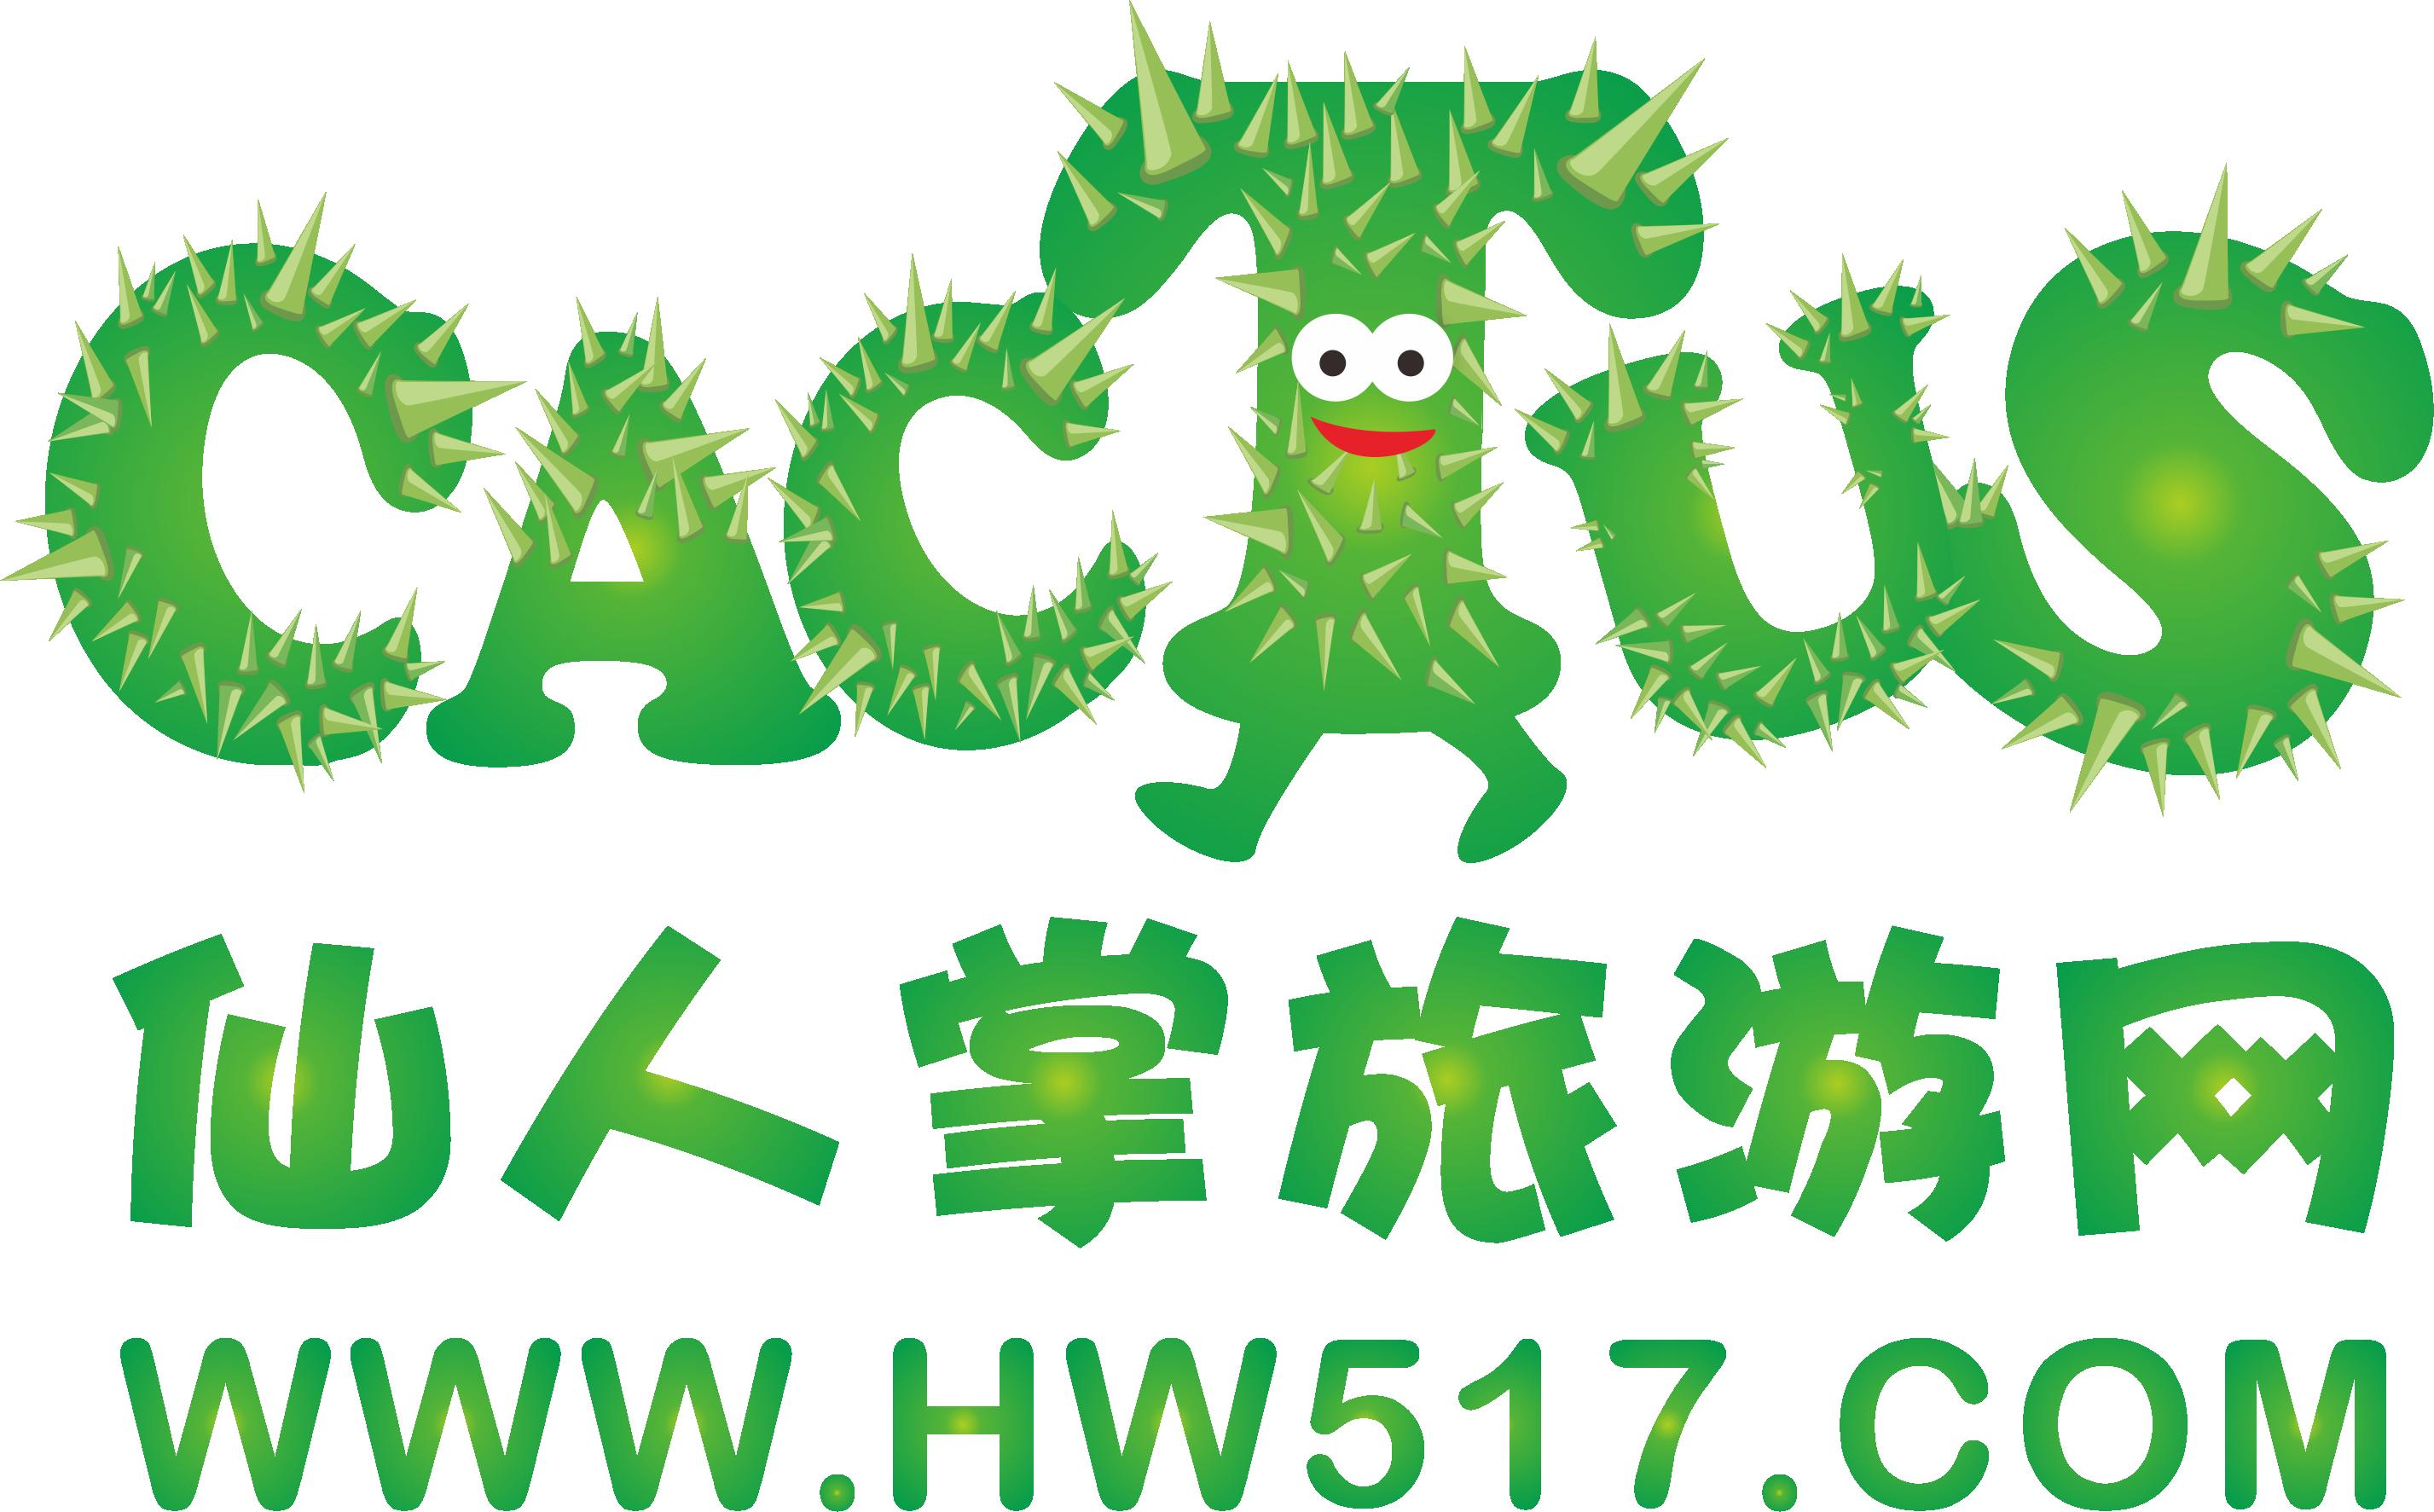 【仙人掌旅游】金边+吴哥三飞尊享五日游(杭州出港)